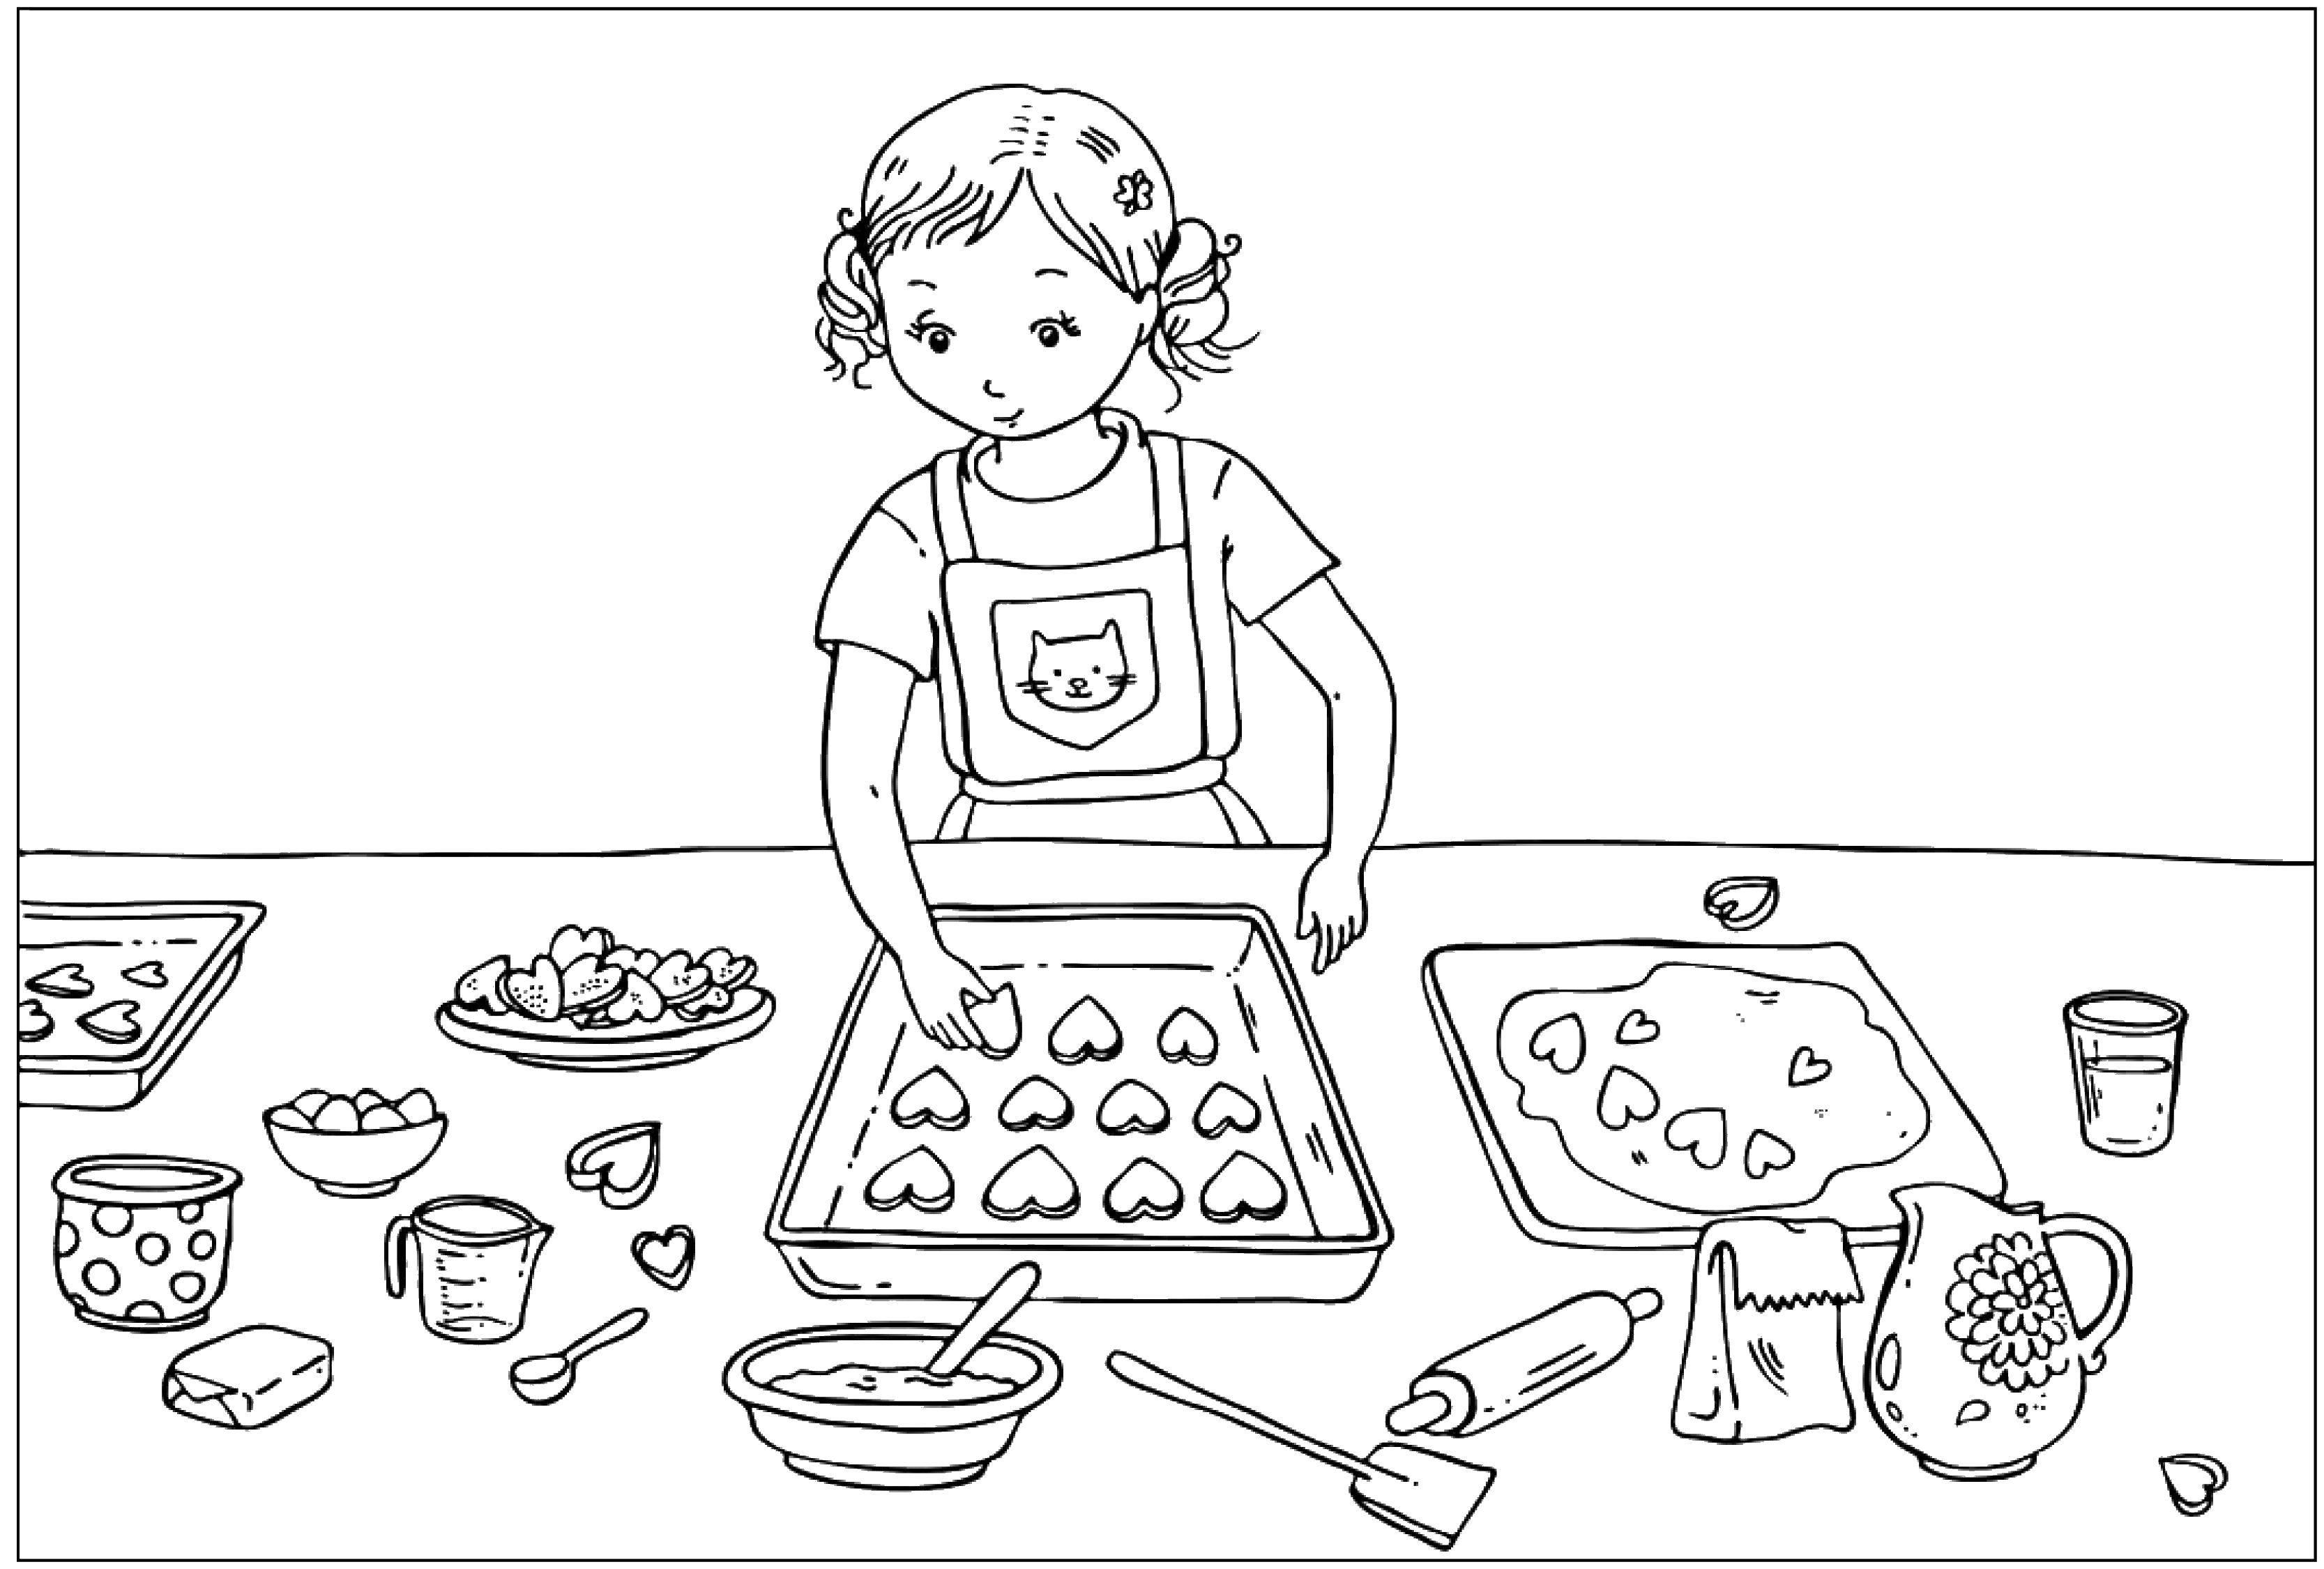 Раскраска Девочка готовит печенья в форме сердечек. Скачать День Святого Валентина, любовь, печенье.  Распечатать ,день святого валентина,